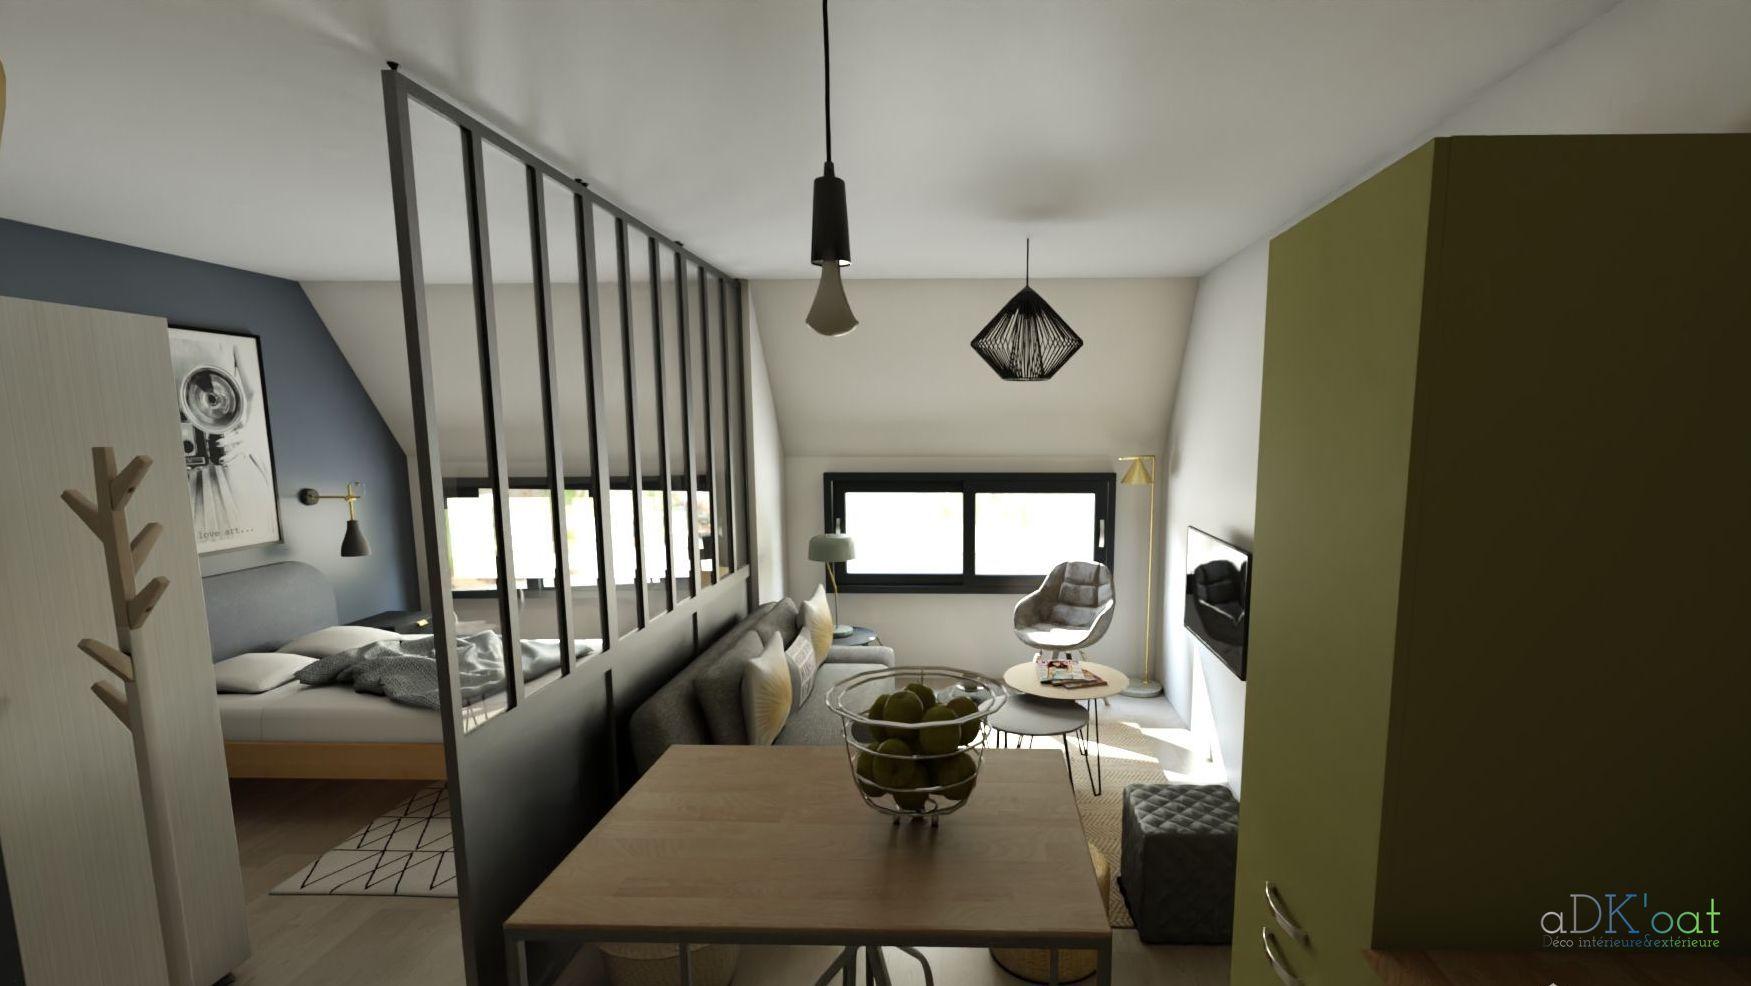 Amenagement D Un Studio 30m2 Sous Les Toits Challenge Creer Un Coin Nuit Sans Obstruer La Luminosite Faible De Cett Appartement Maison Decoration Interieure